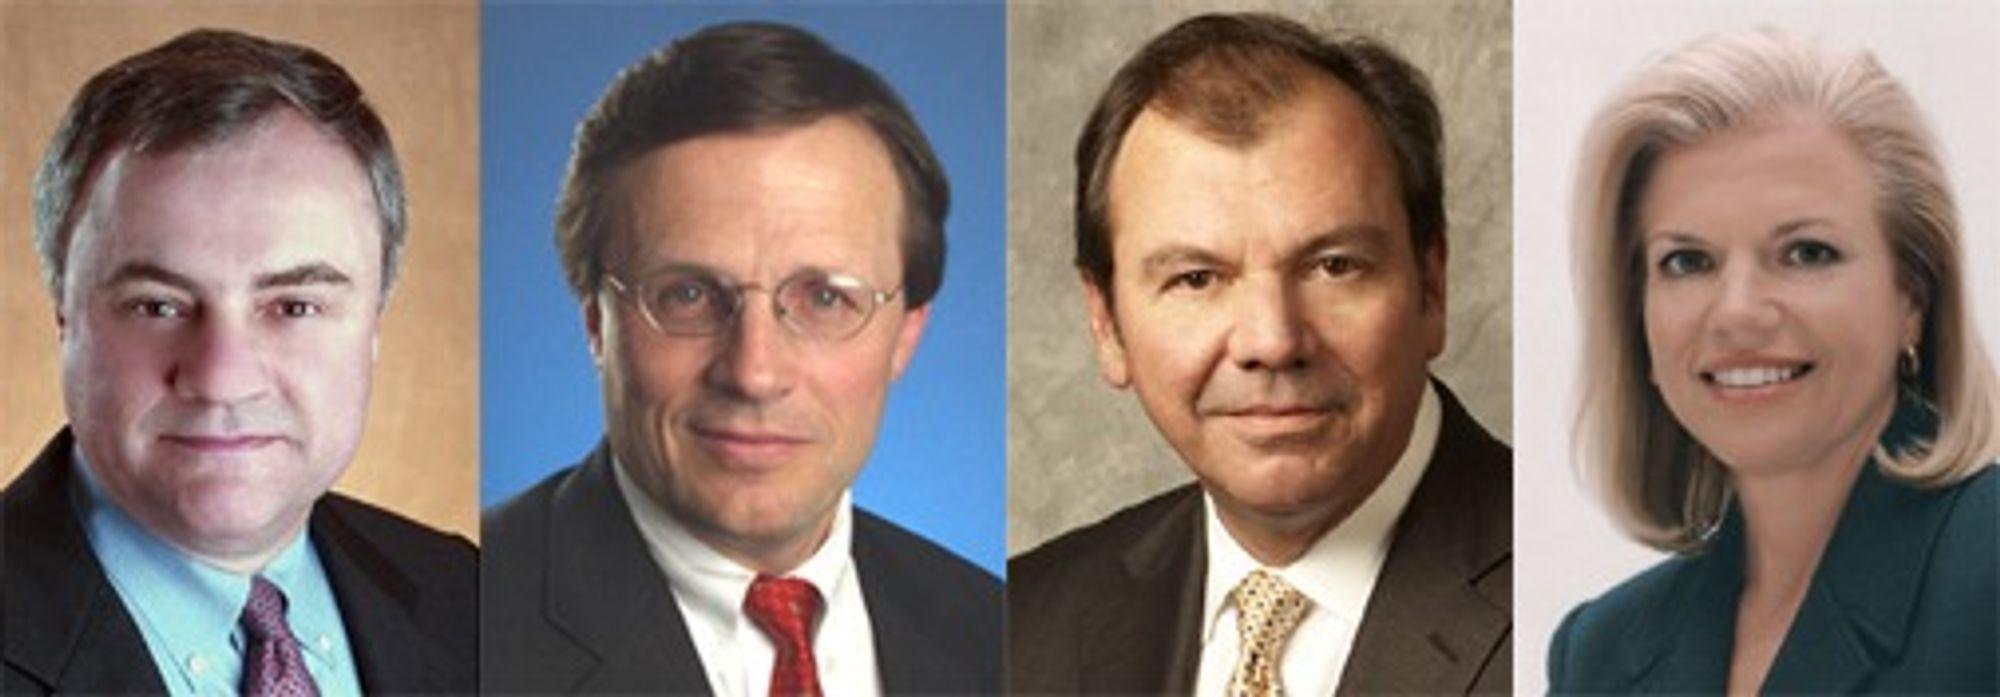 Opprykk: (fra v.) Steven Mills (58), Mark Loughridge (57), Michael Daniels (56) og Virginia Rometty (52). De to siste nevnes som de heteste kandidatene til topplederjobben når Palmisano går av med pensjon.